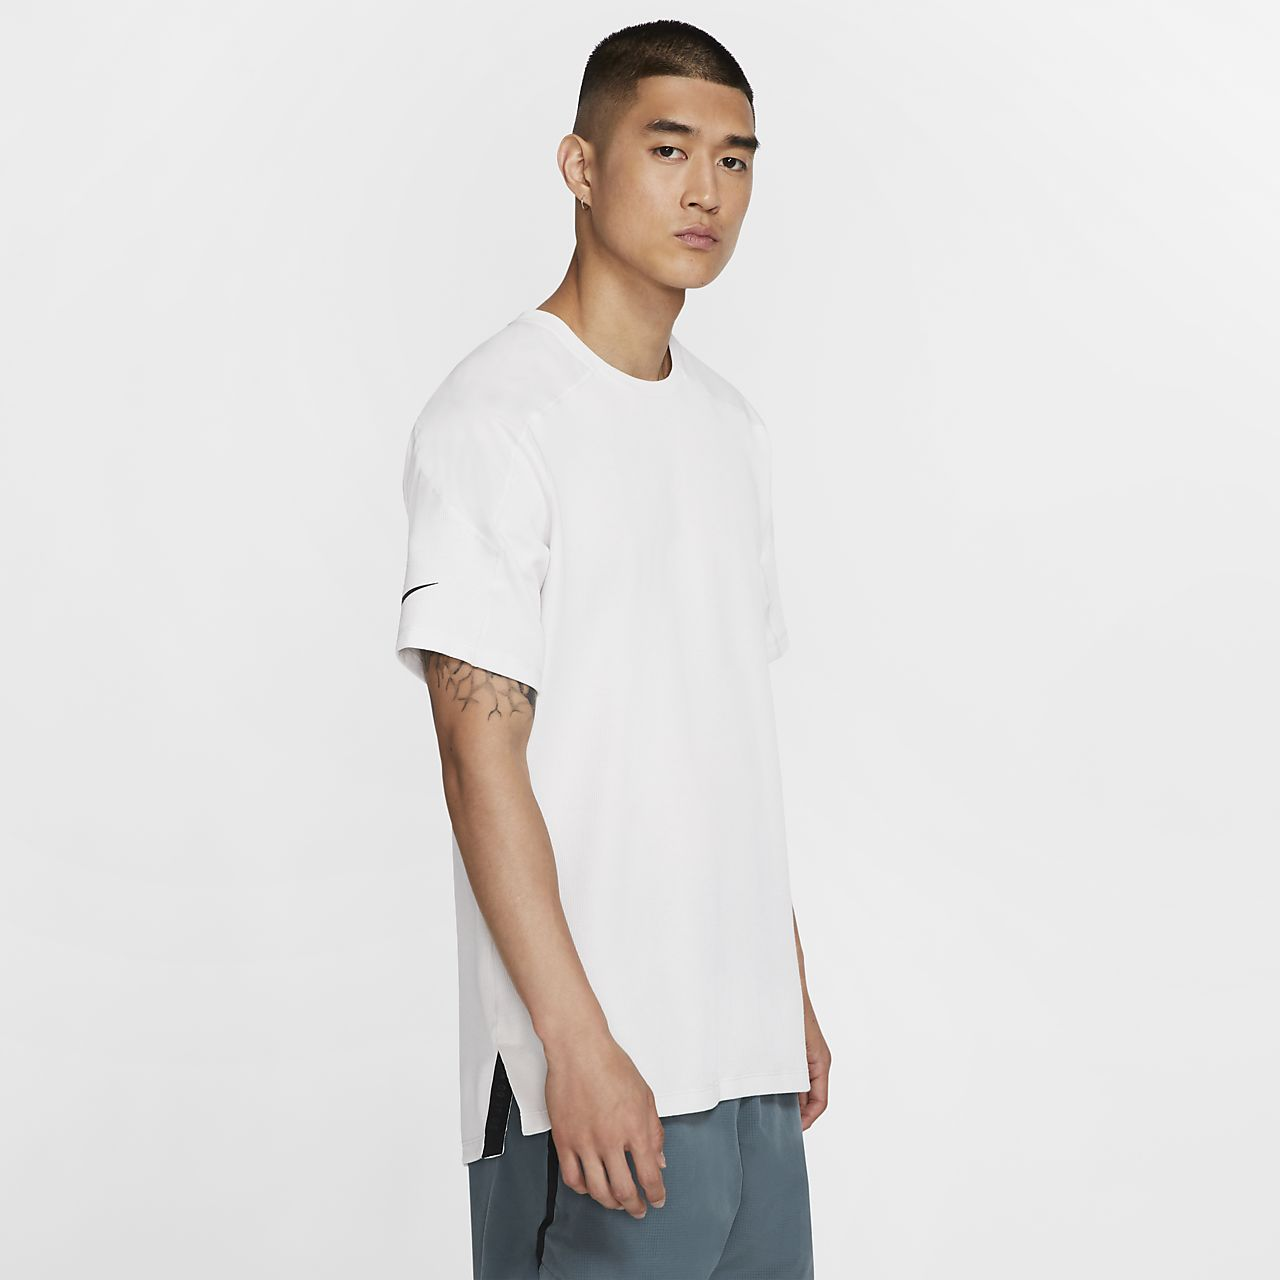 Camisola de treino de manga curta Nike Dri-FIT para homem